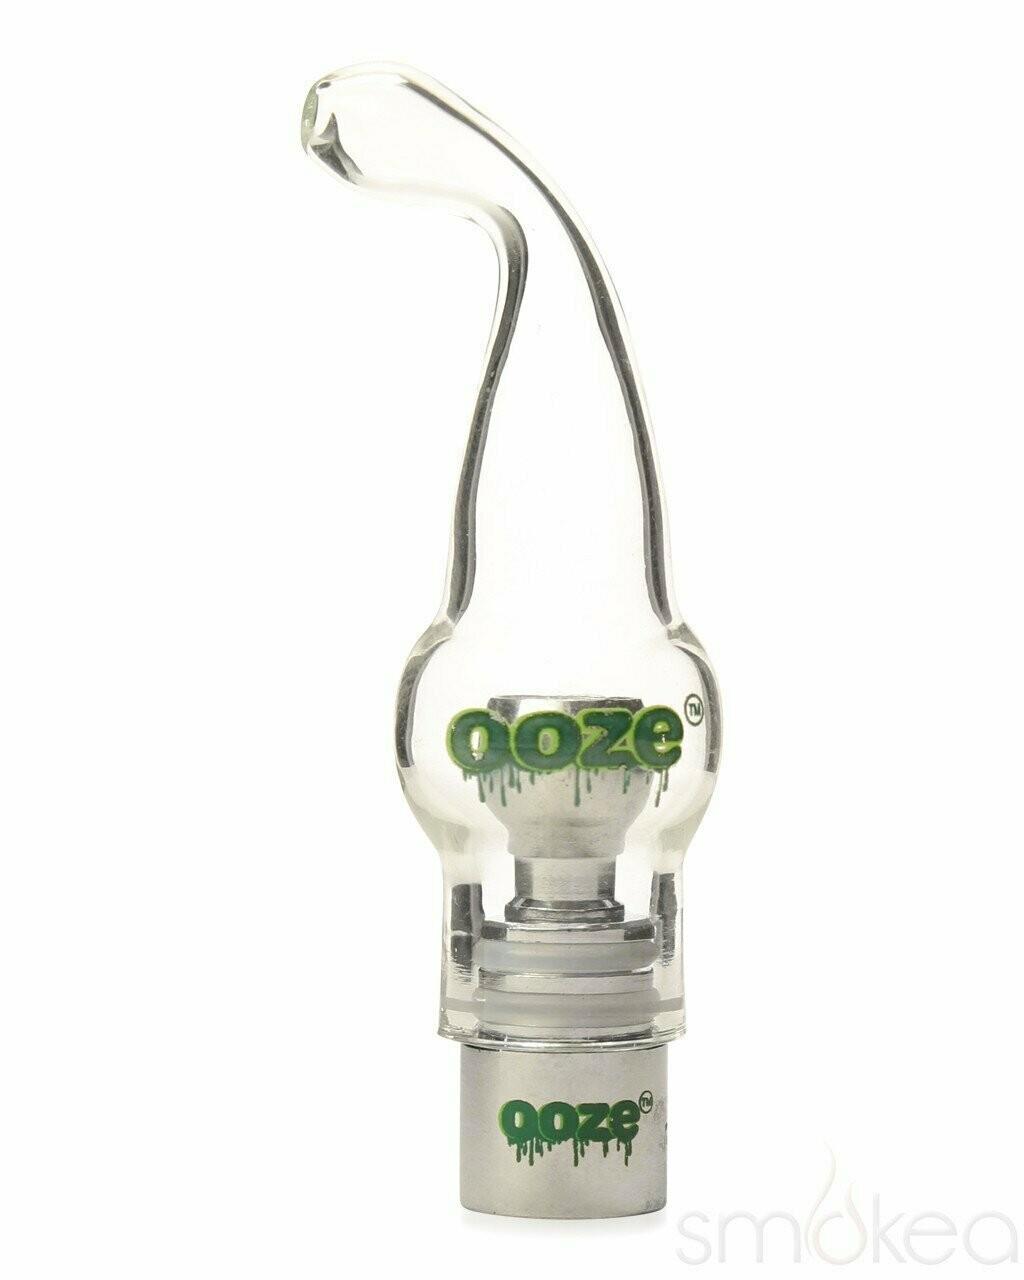 Ooze Curved Neck Globe